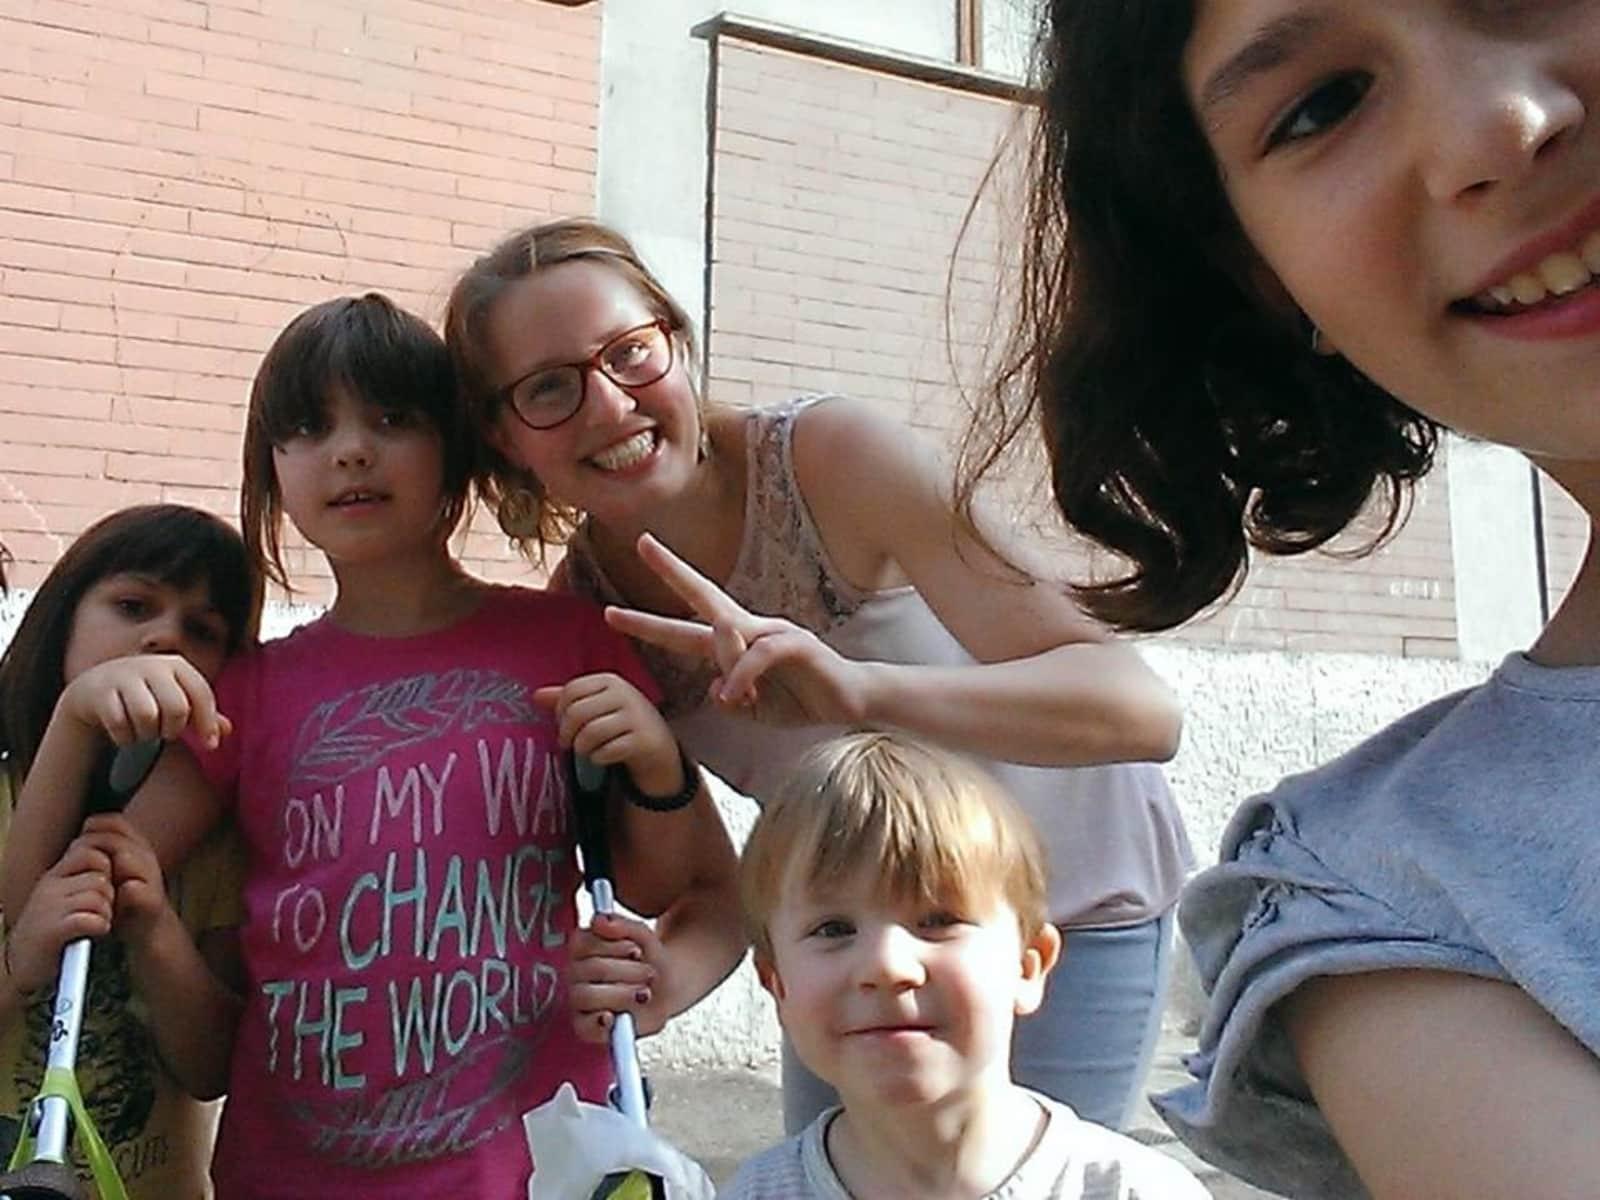 Annalena from Mainz, Germany